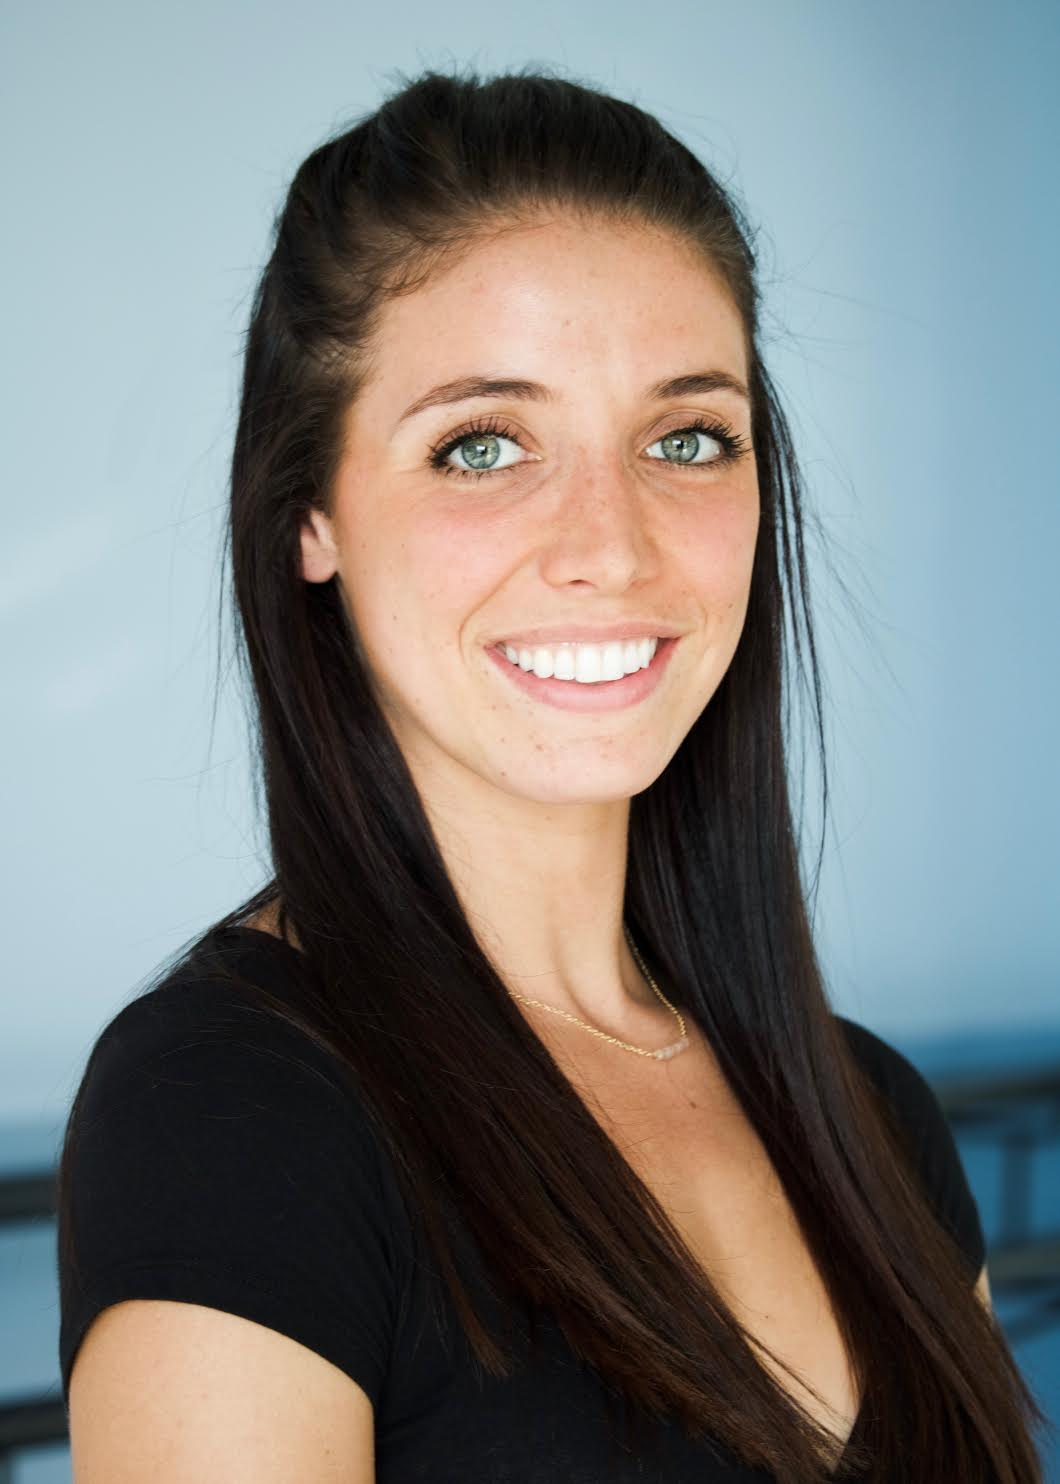 Kate McNicholas